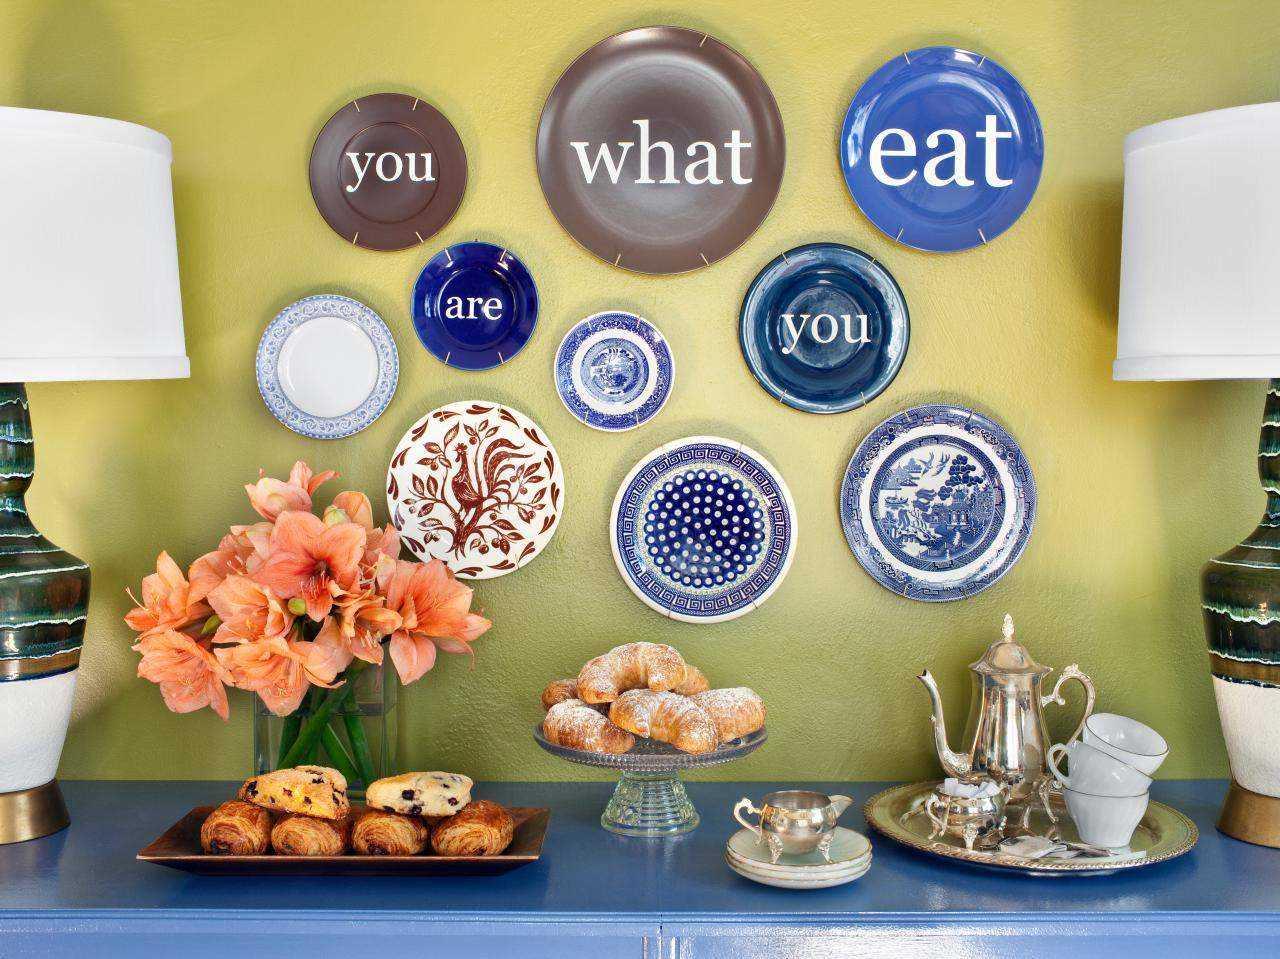 version de la conception originale de l'appartement avec des assiettes décoratives sur le mur